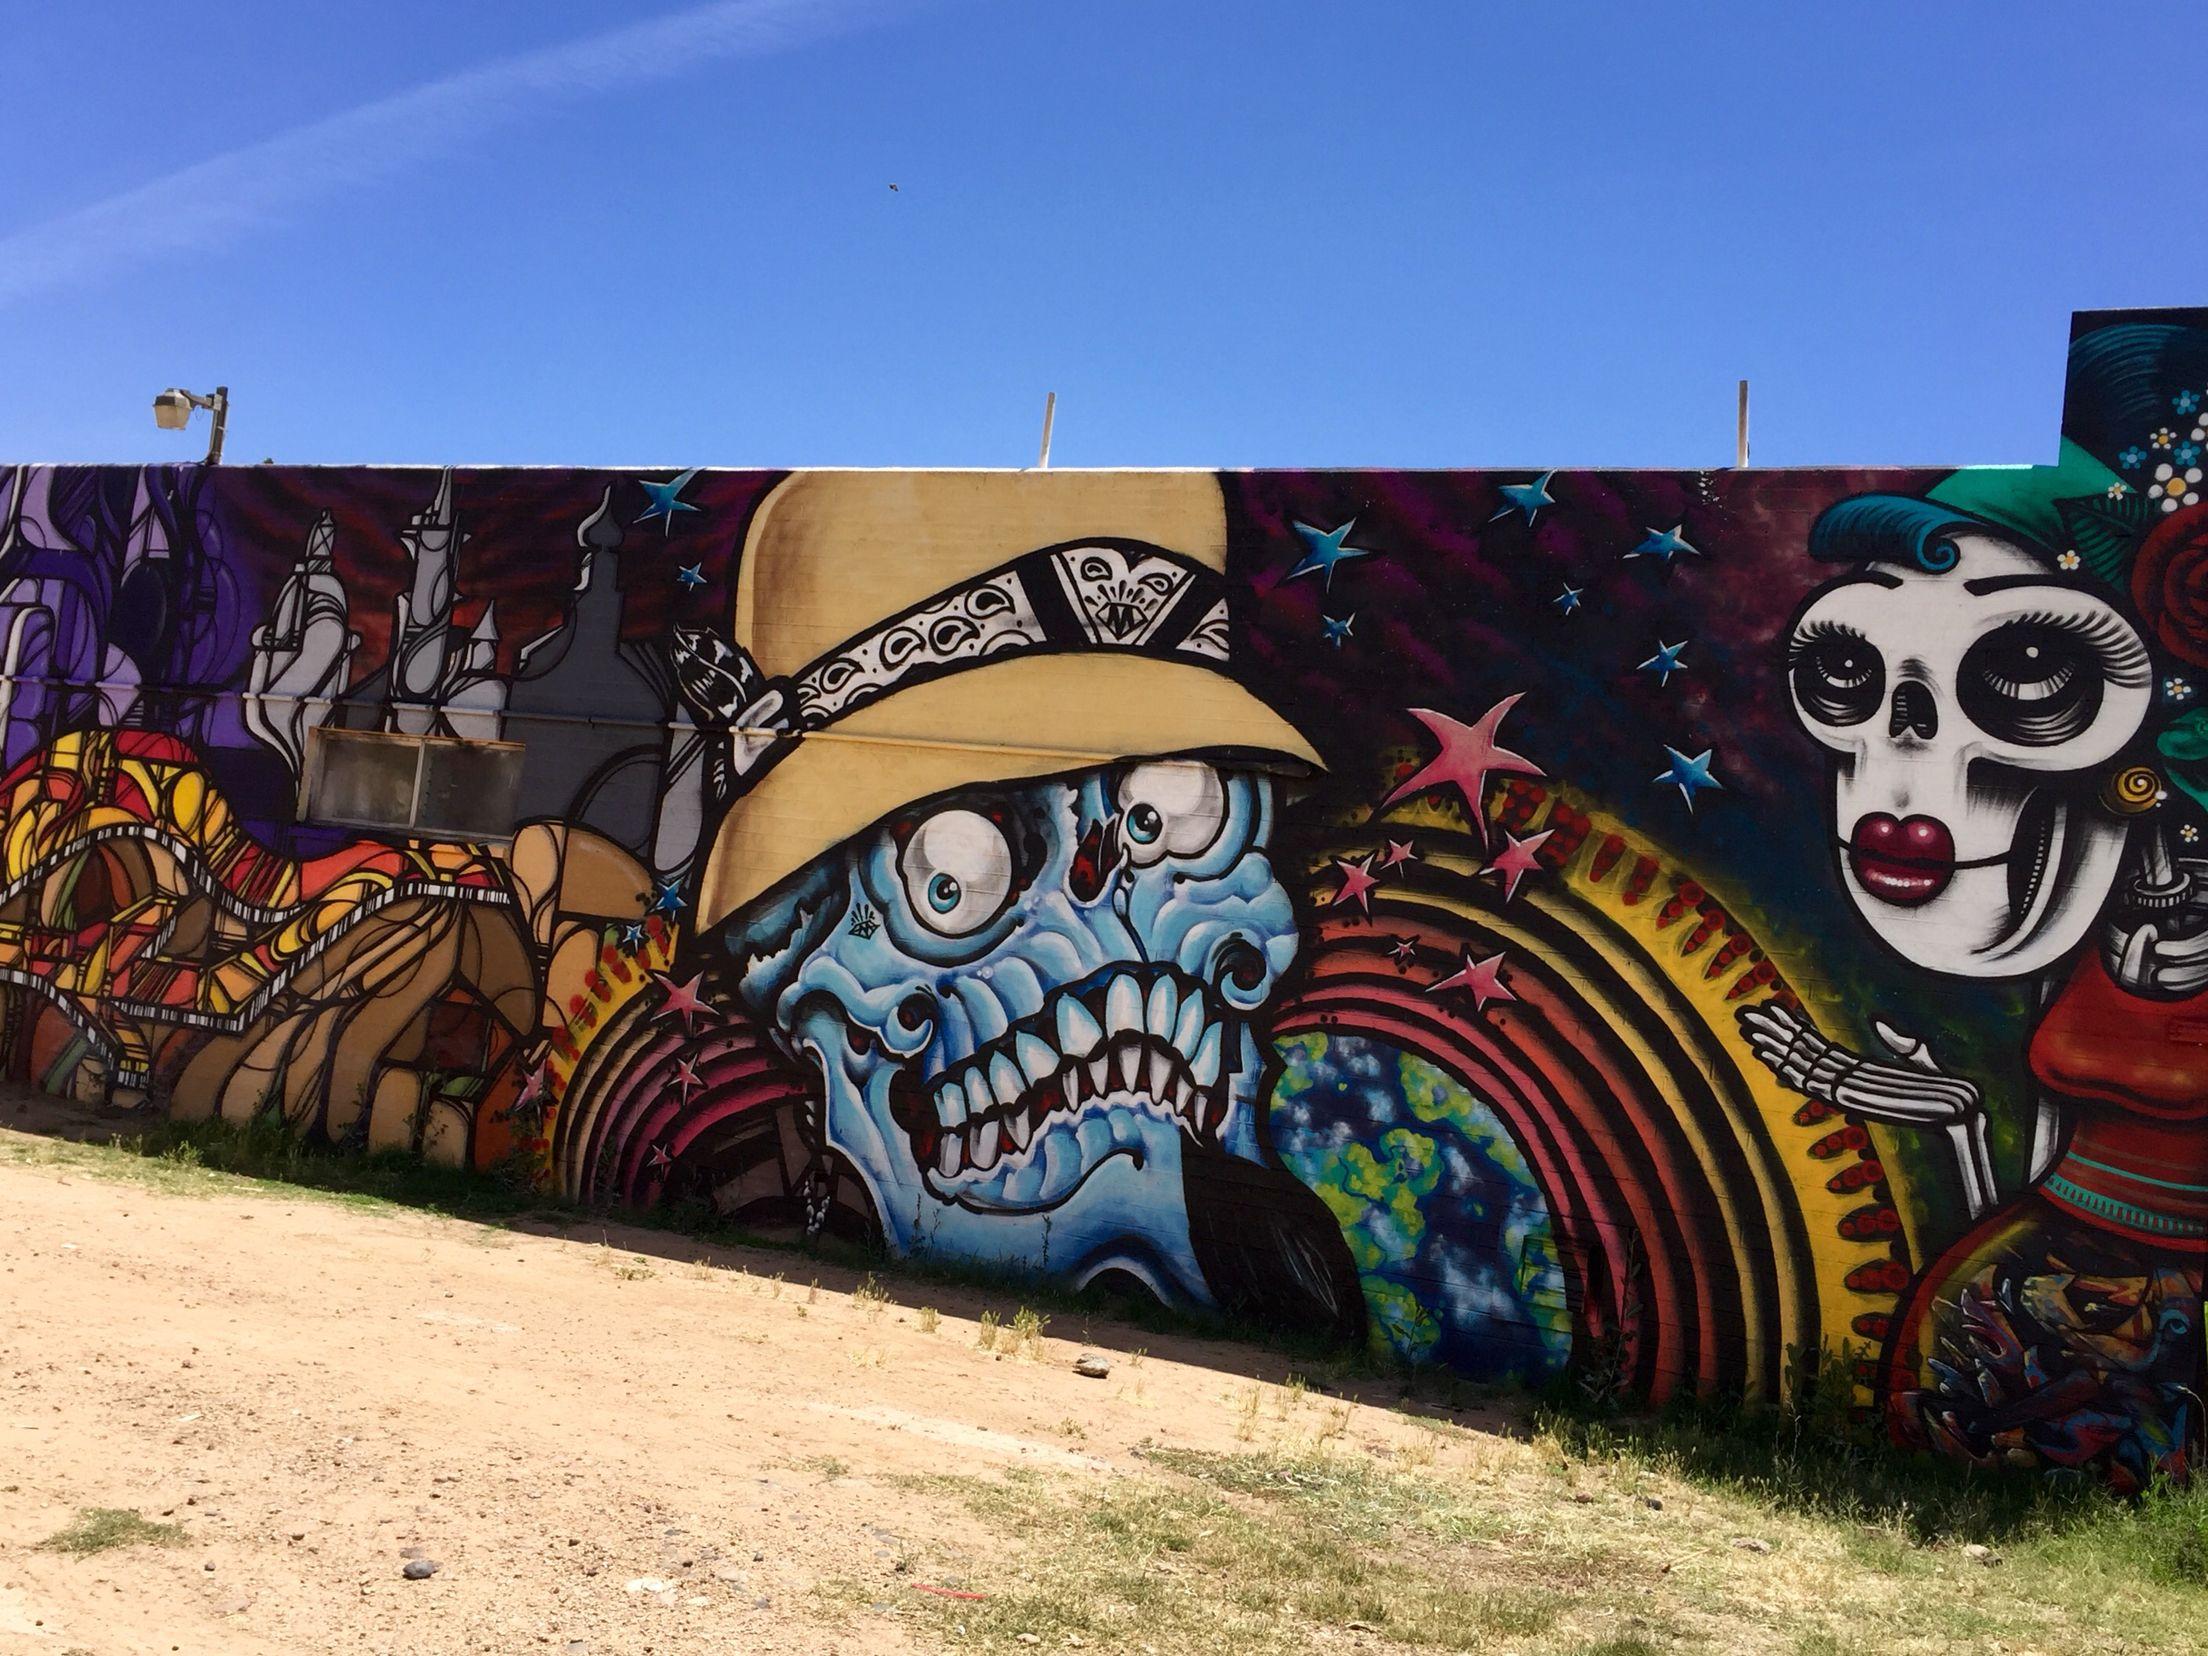 Roosevelt Row Art S District Downtown Phoenix Phoenix Az Wallart Urban Art Mural Urban Art City Art Street Art